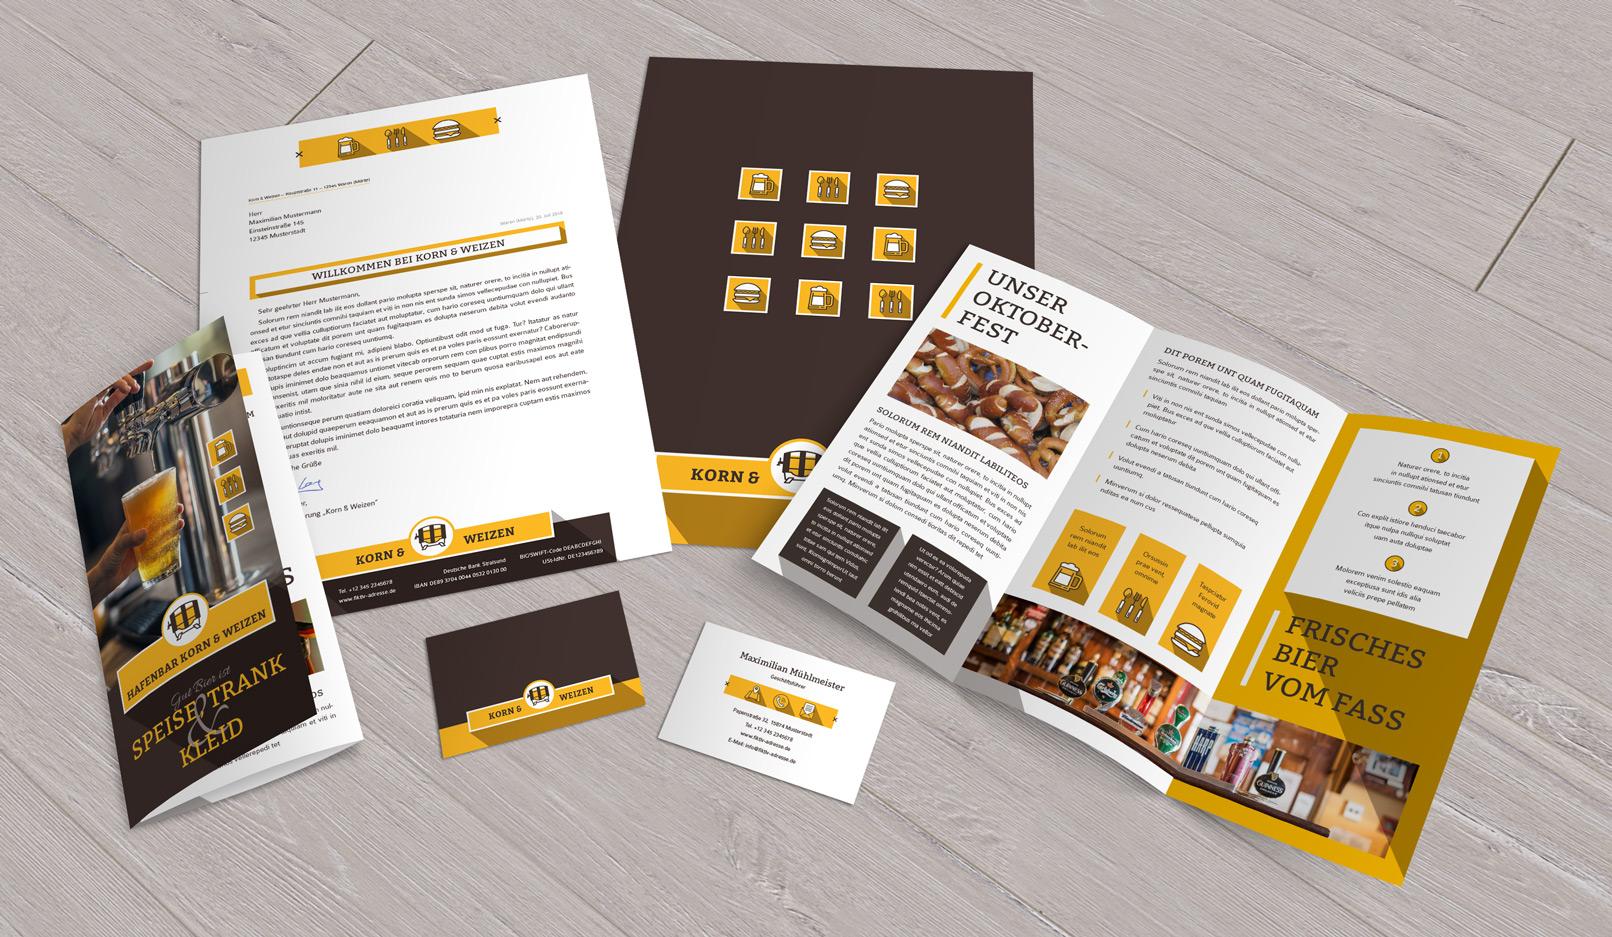 Vorlagen Corporate Design für den Bereich Ernährung und Food: Flyer, Briefpapier, Visitenkarten